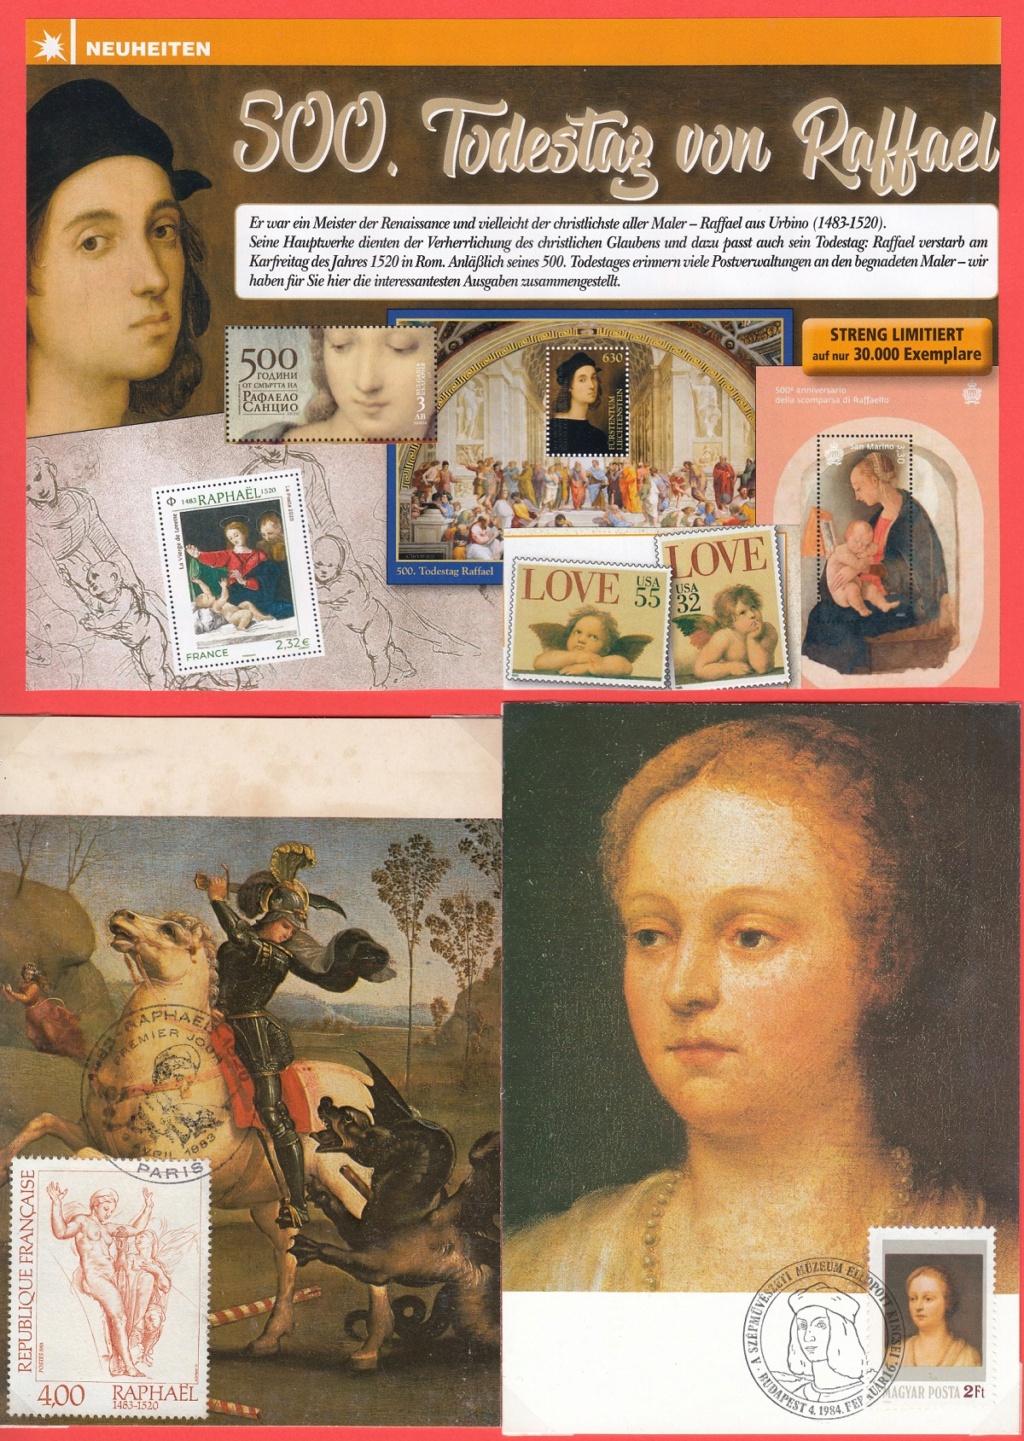 Raffael (bis in's 19. Jh hinein, galt er als der größte Maler aller Zeiten) Raf110